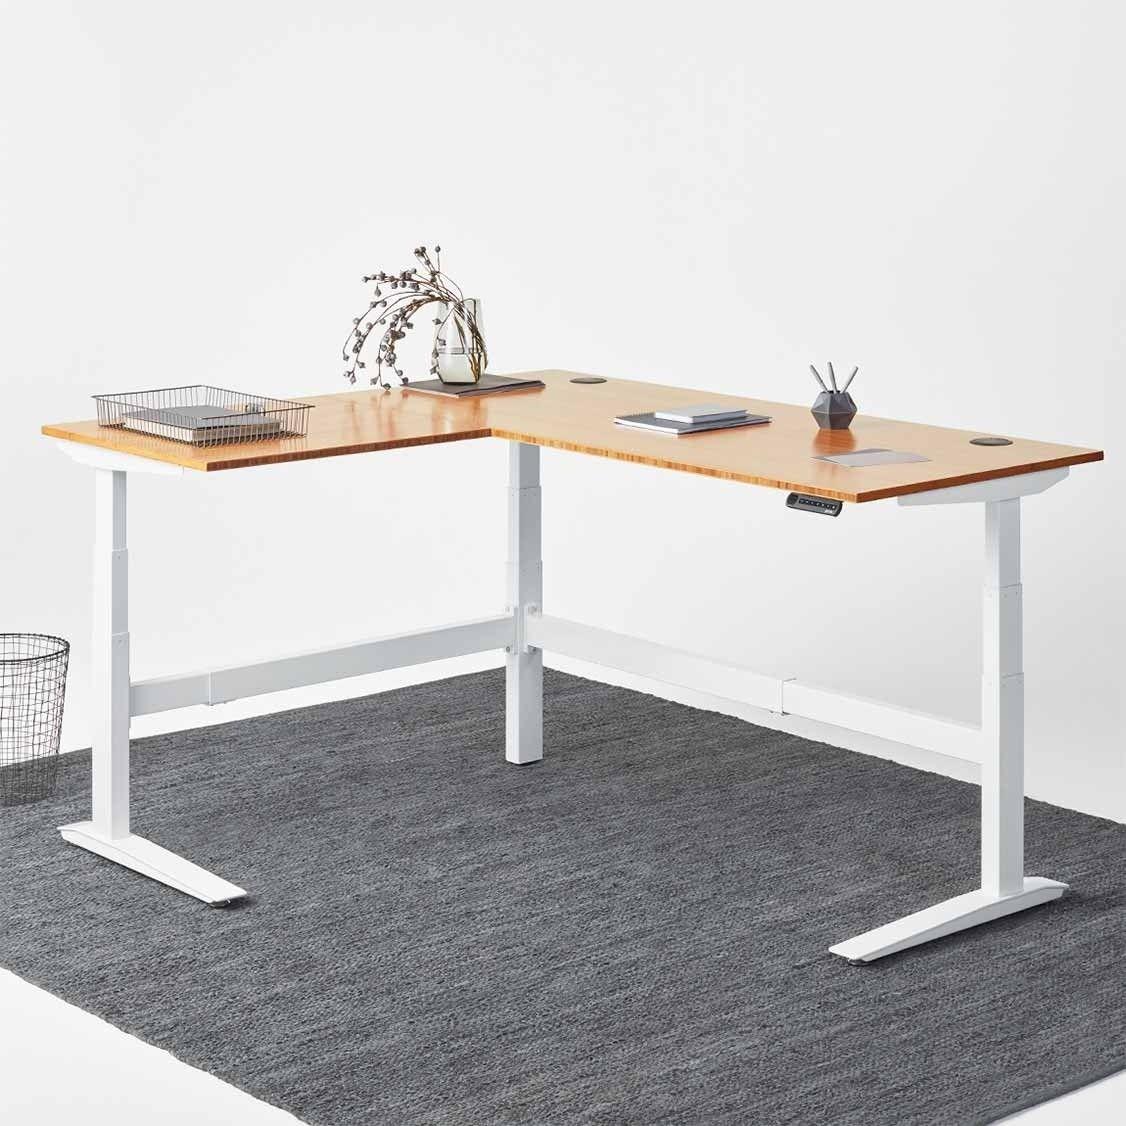 Jarvis L Shaped Standing Desk Best Standing Desk Adjustable Height Desk Ikea Standing Desk